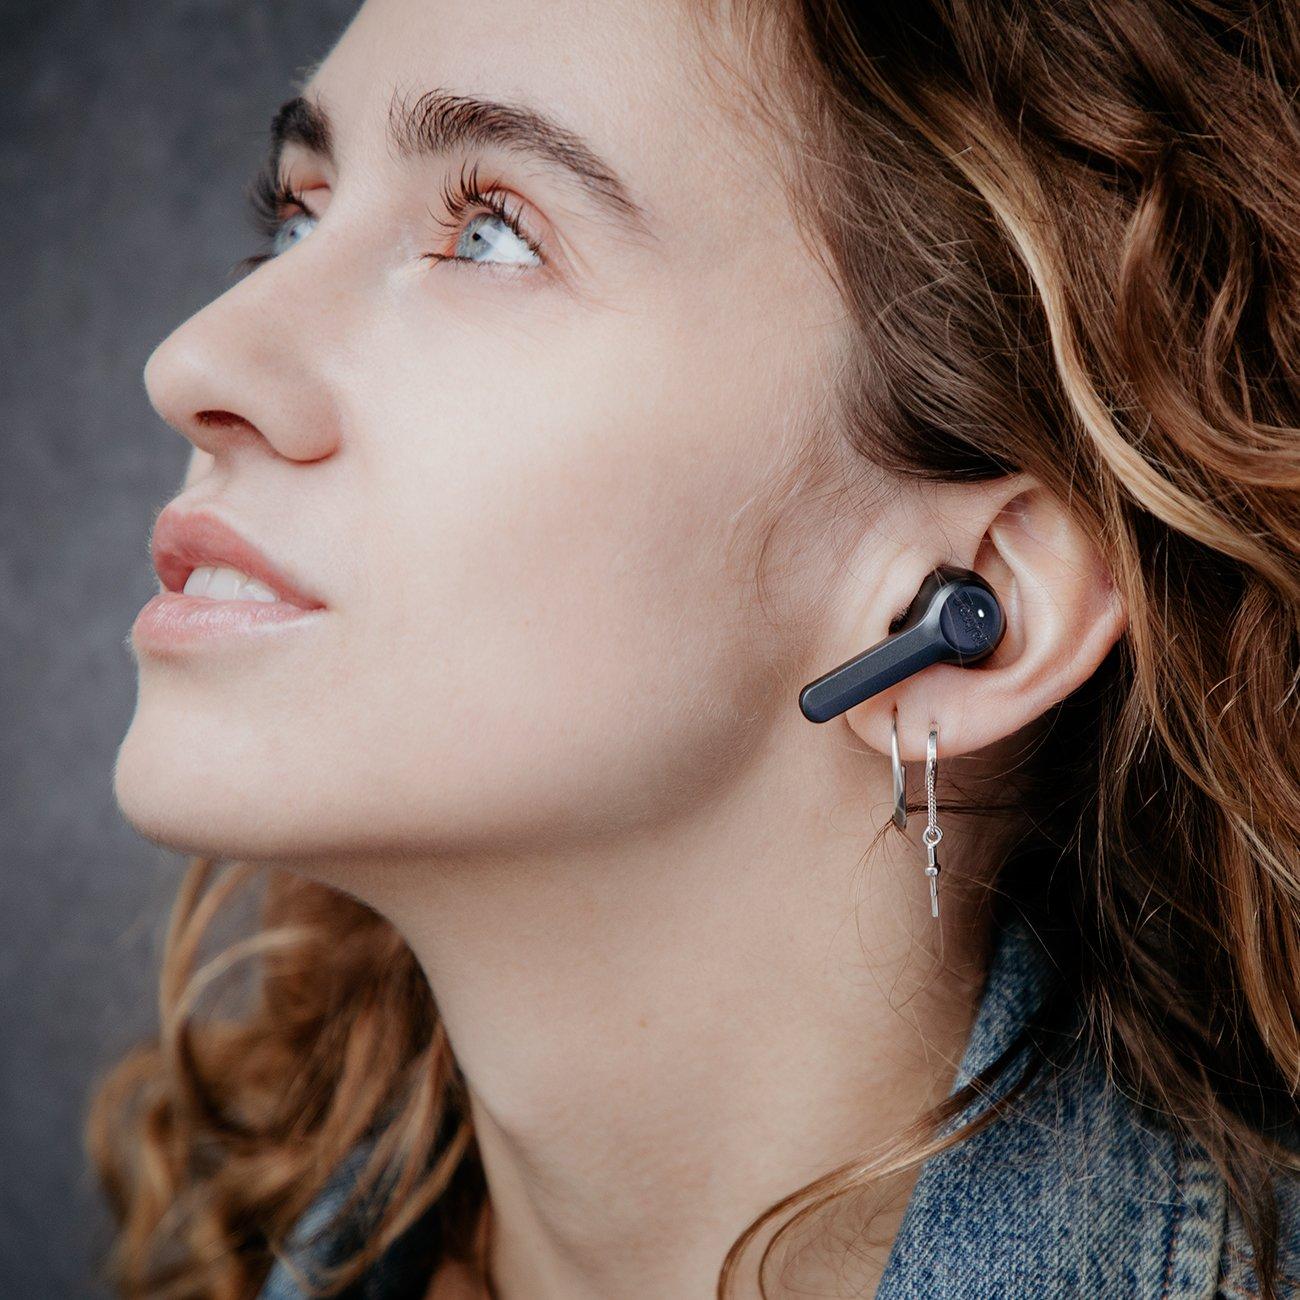 Teufel Airy True Wireless - True Wireless In-Ear Kopfhörer mit Bluetooth 5.0 & Smart Touch Steuerung - Schwarz